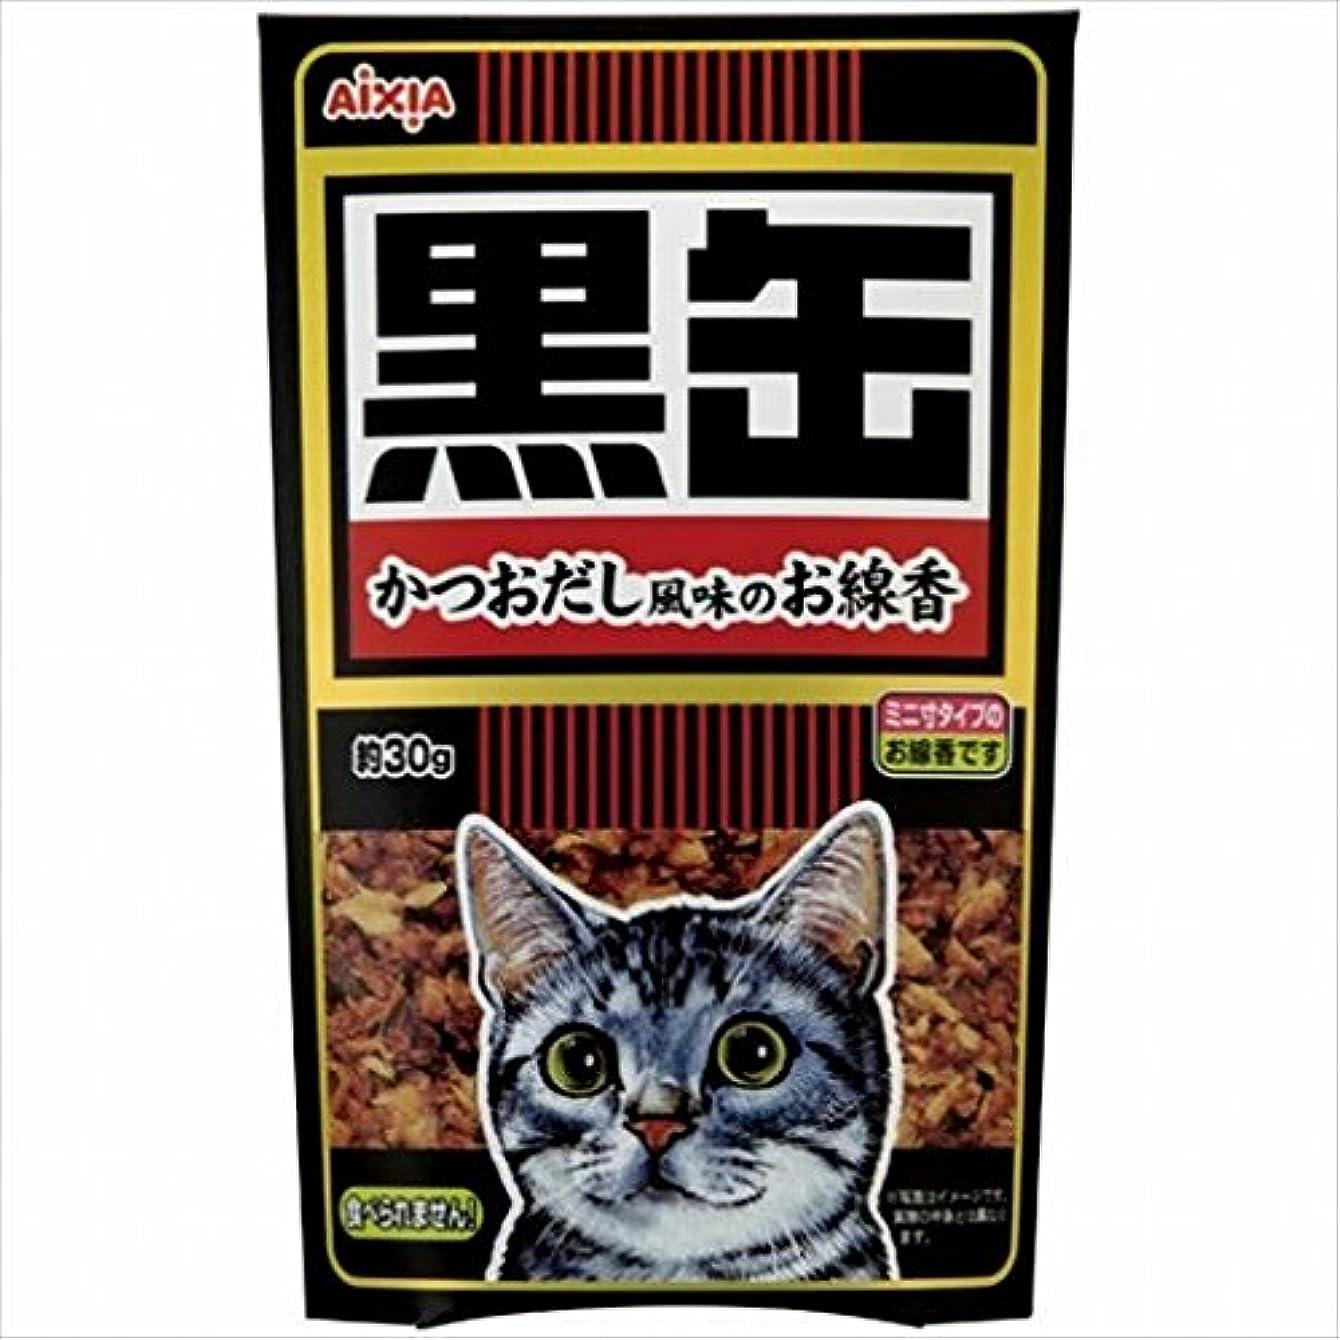 差別するペットアカデミーカメヤマキャンドル(kameyama candle) 黒缶 線香